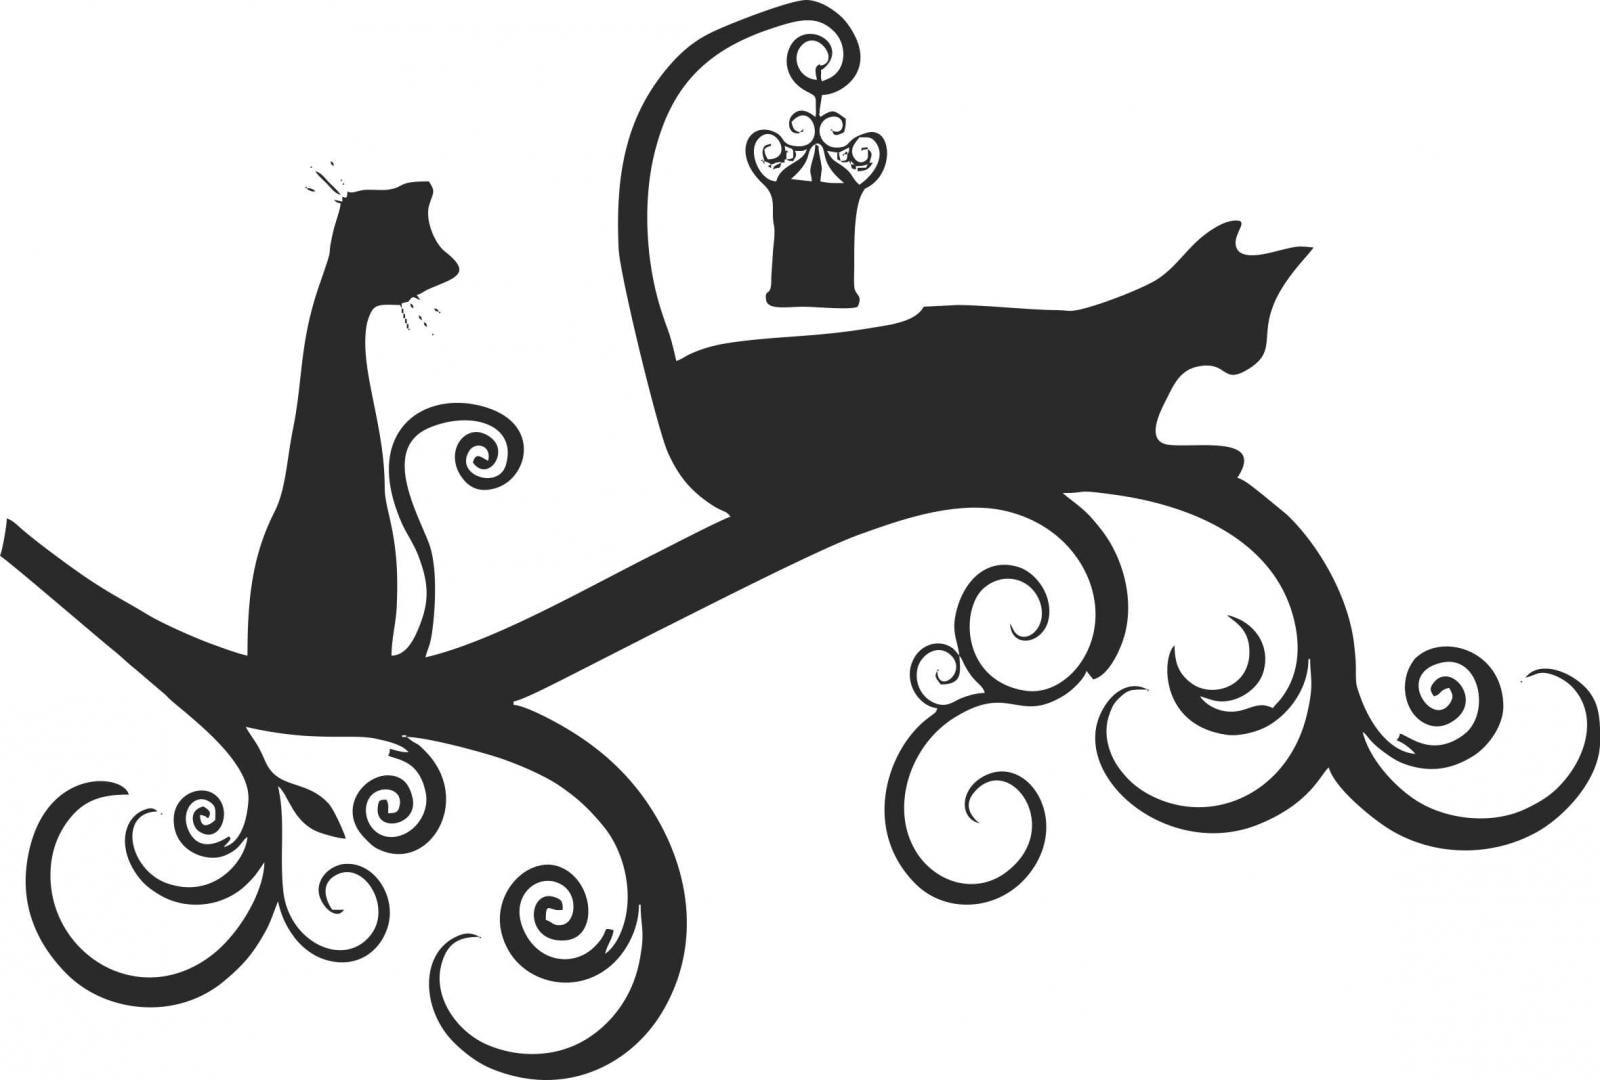 Трафареты кошек для декора своими руками шаблоны